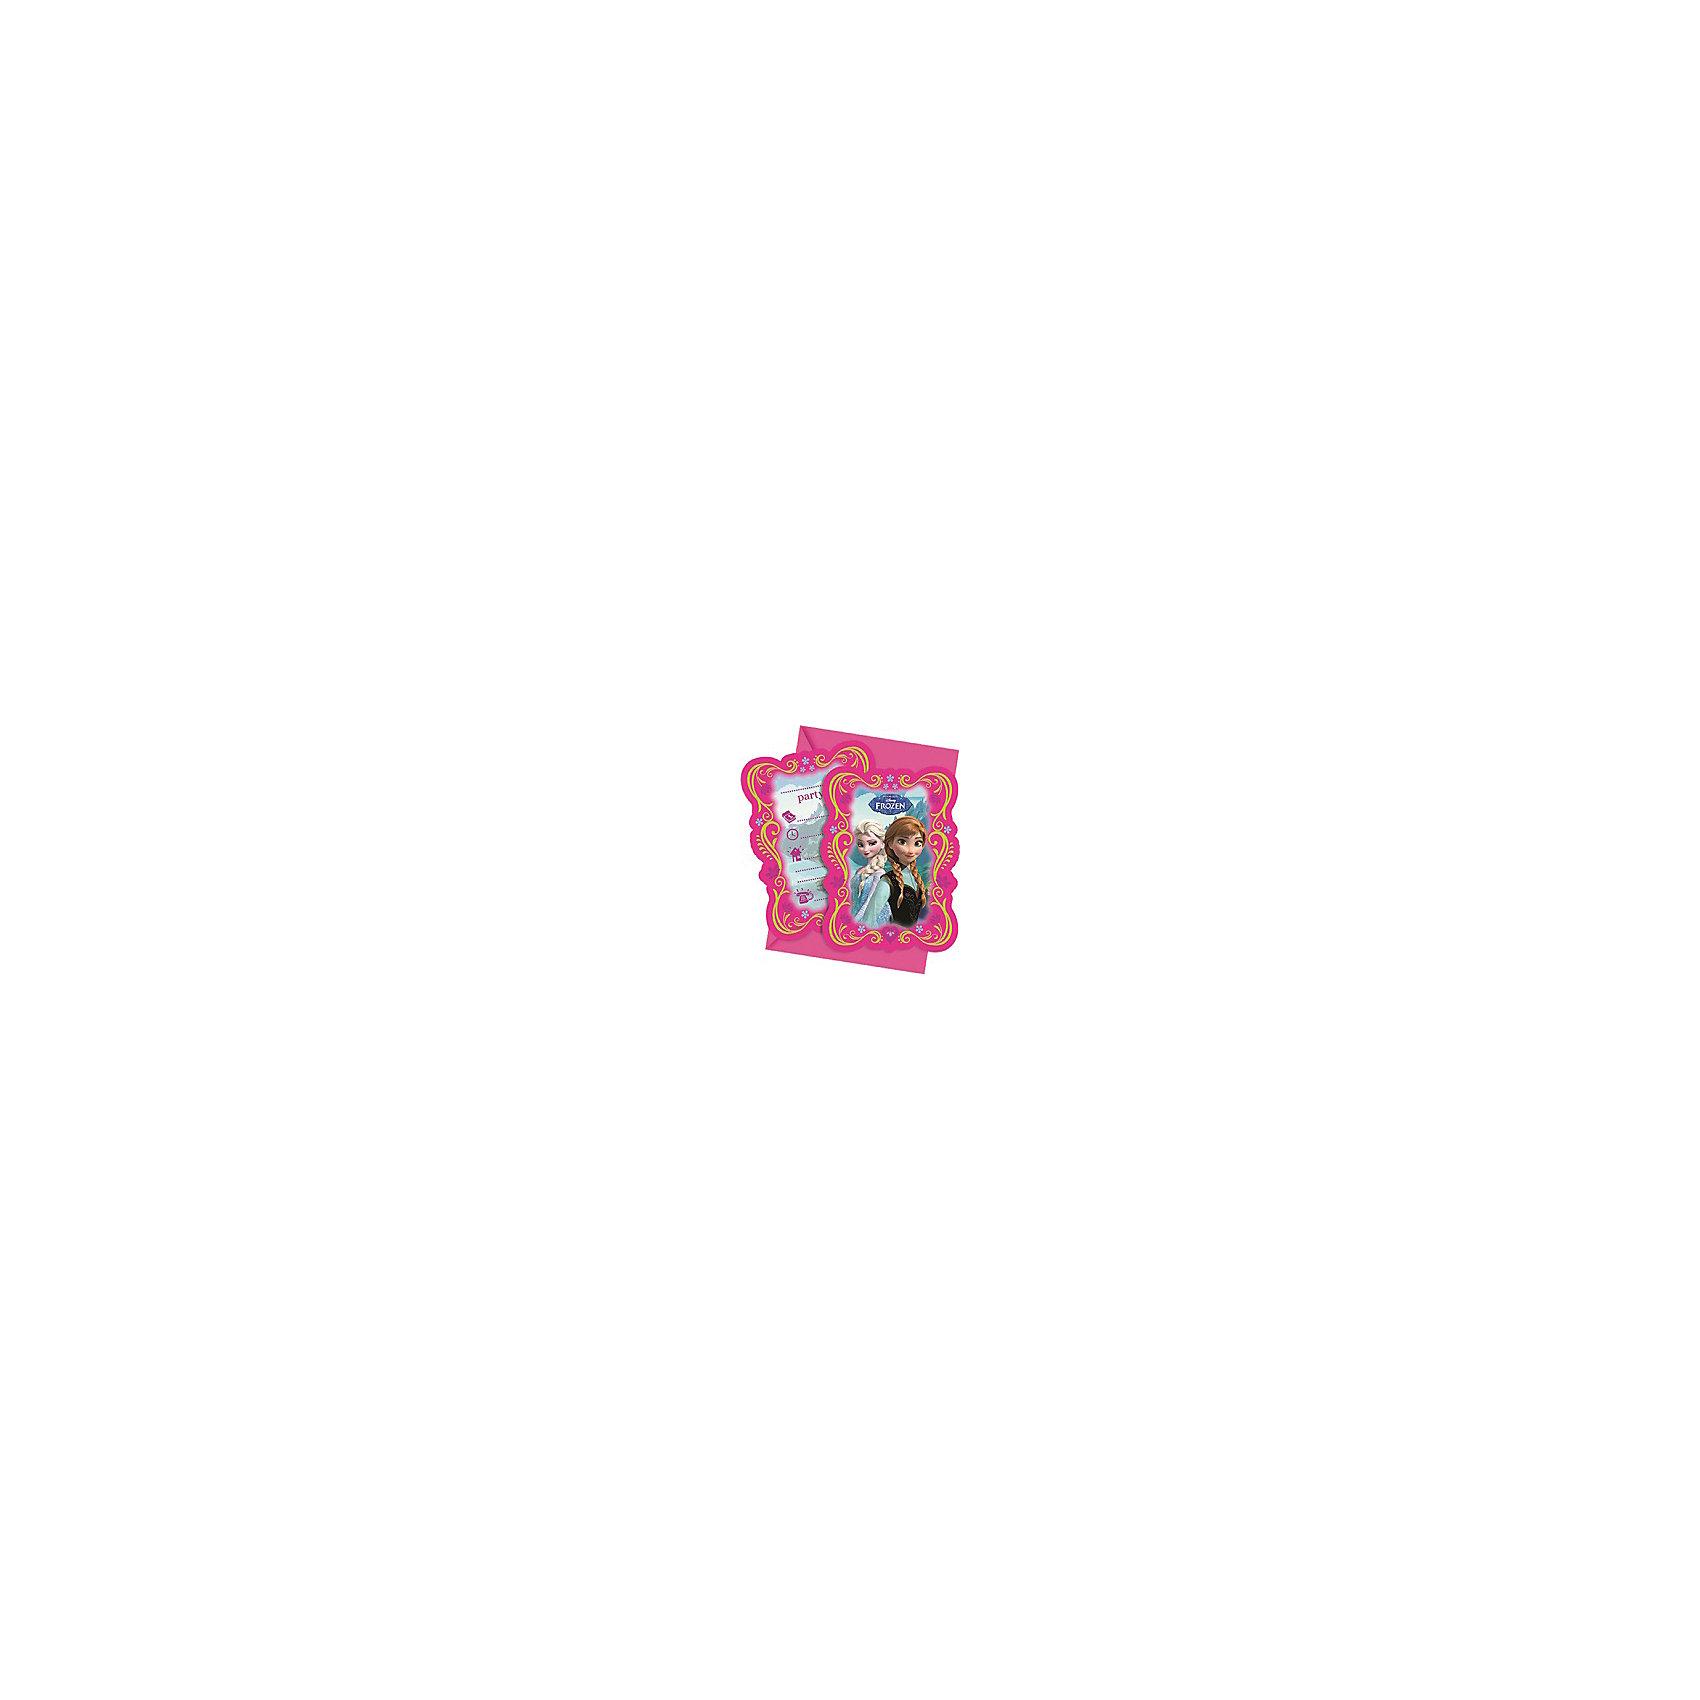 Приглашения в конвертах Холодное сердце , 6 шт.Холодное Сердце Детская комната<br>Устрой вечеринку и позови на нее всех своих подружек с помощью стильных красочных приглашений от греческой компании Procos.  На каждом приглашении ты найдешь изображения принцесс Анны и Эльзы из известного мультфильма Холодное сердце.  Каждое девочке будет приятно получить такое приглашение на праздник, будь то День Рождения, именины или любое другое торжество.<br><br>Задай хорошее настроение  своей вечеринке с самого начала, с помощью пригласительных в конверте Холодное Сердце! <br><br><br>В упаковке находится 6 приглашений. <br>Размер упаковки: 1,5 х 11 х 16,5 см<br>Рекомендуемый возраст: с 0.<br><br>Ширина мм: 5<br>Глубина мм: 11<br>Высота мм: 21<br>Вес г: 60<br>Возраст от месяцев: 36<br>Возраст до месяцев: 2147483647<br>Пол: Женский<br>Возраст: Детский<br>SKU: 3823865